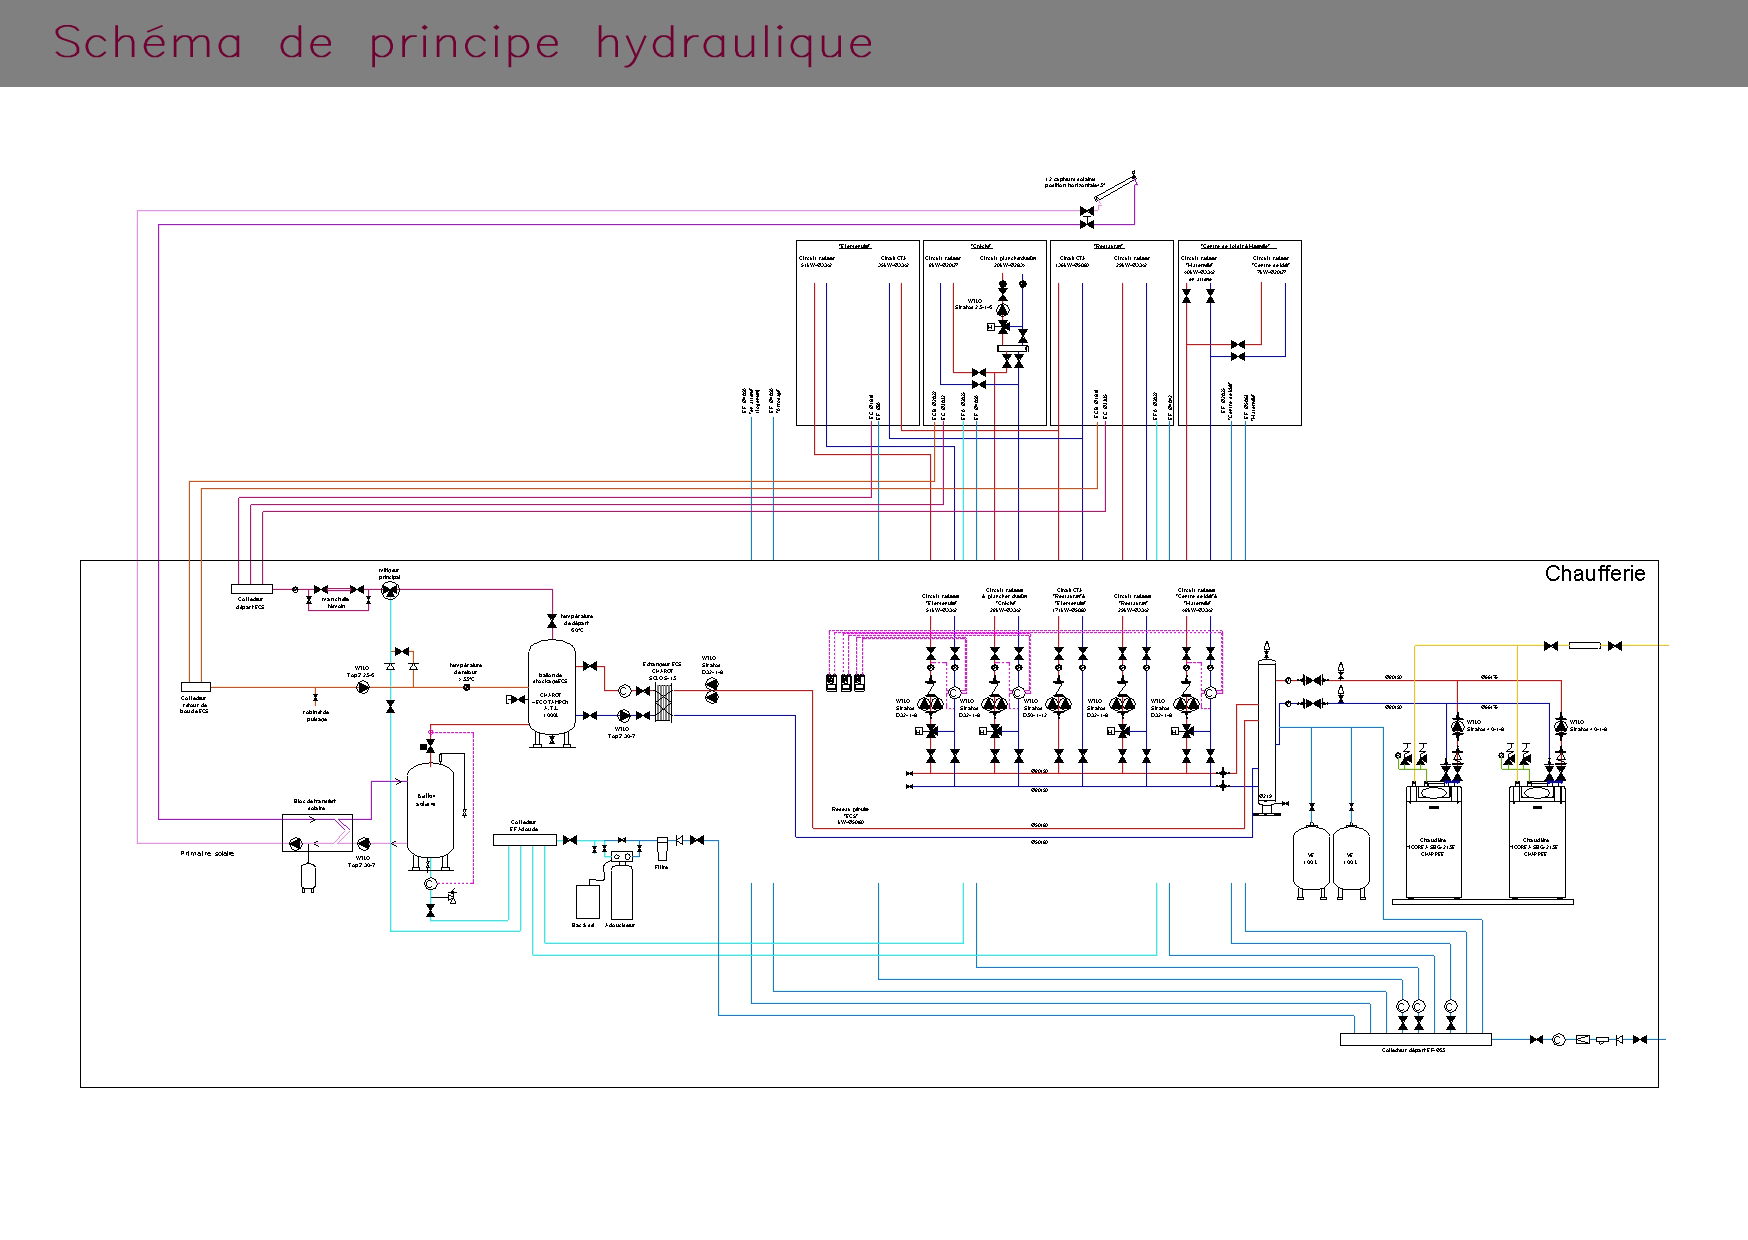 Schéma de principe hydraulique